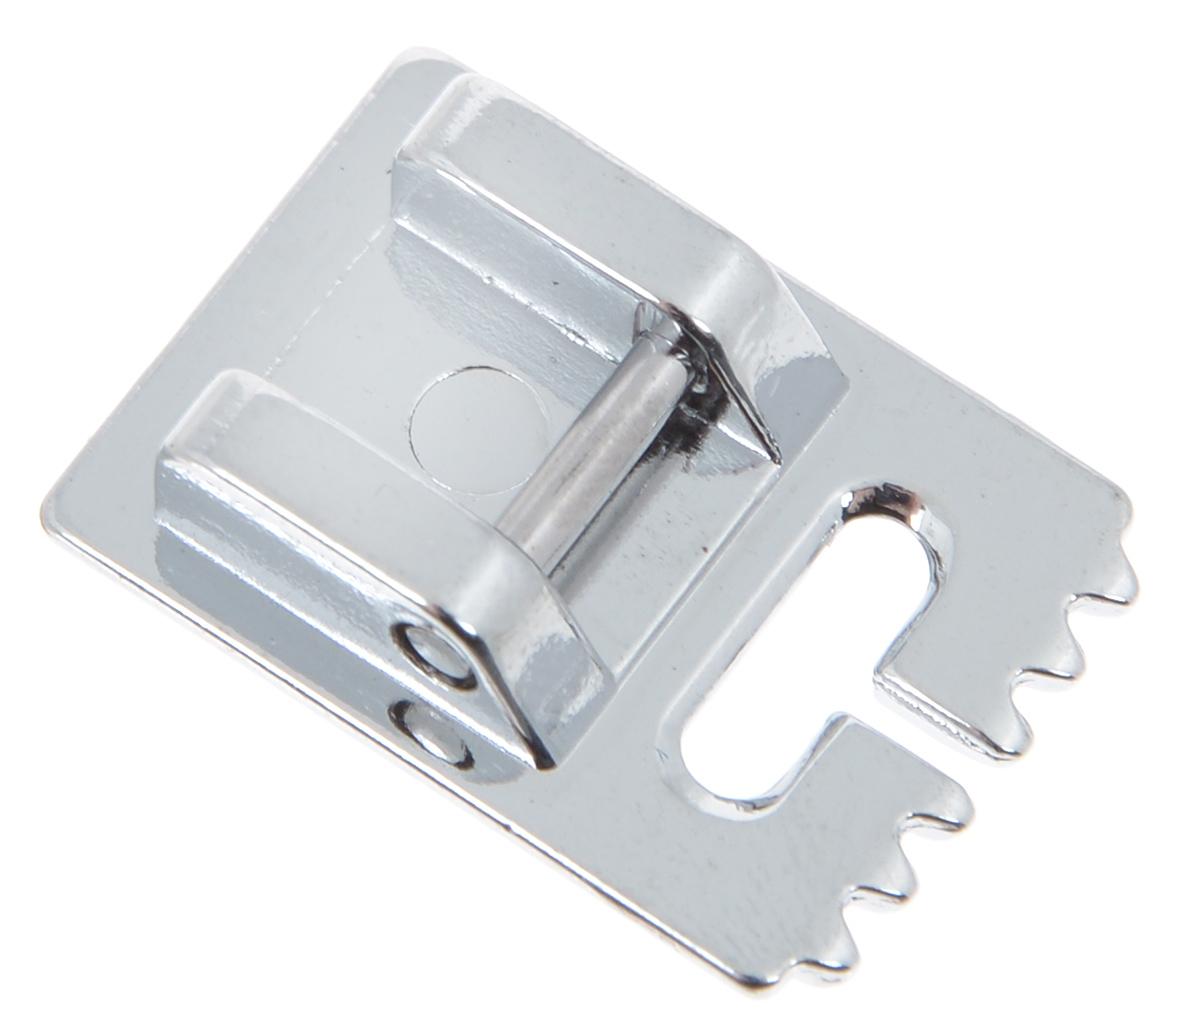 Лапка для швейной машины Aurora, для защиповAU-127Лапка для швейной машины Aurora в сочетании с двойной иглой позволит прошить параллельные защипы на изделиях. Их также можно комбинировать с декоративными строчками. Подходит для большинства современных бытовых швейных машин. Инструкция по использованию прилагается.